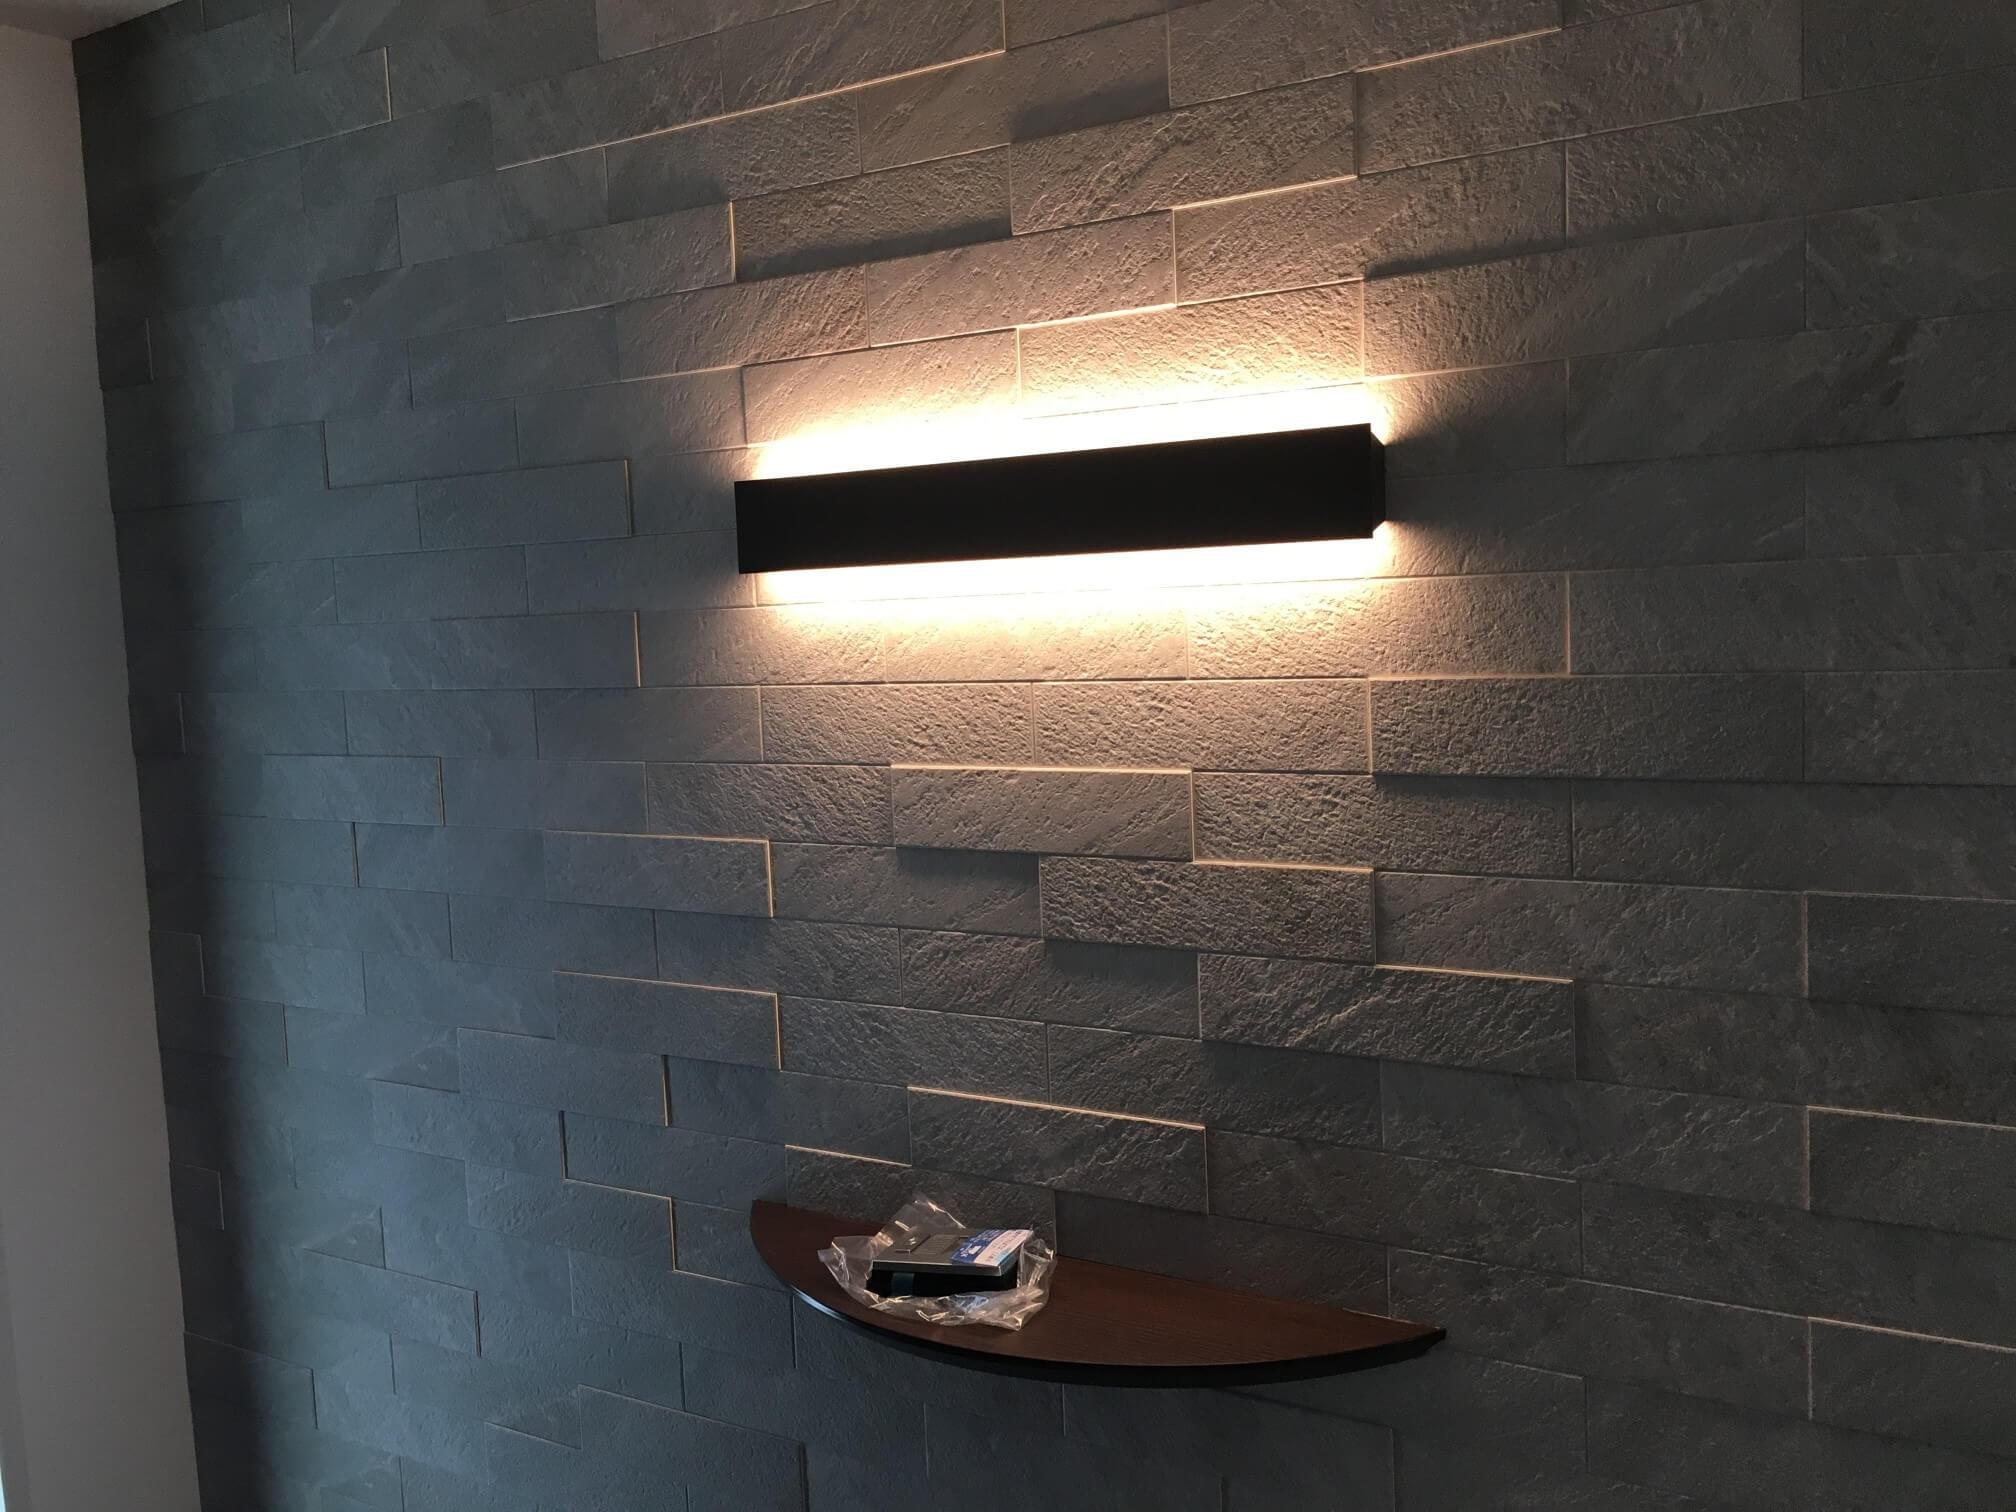 玄関のエコカラットを照らす照明